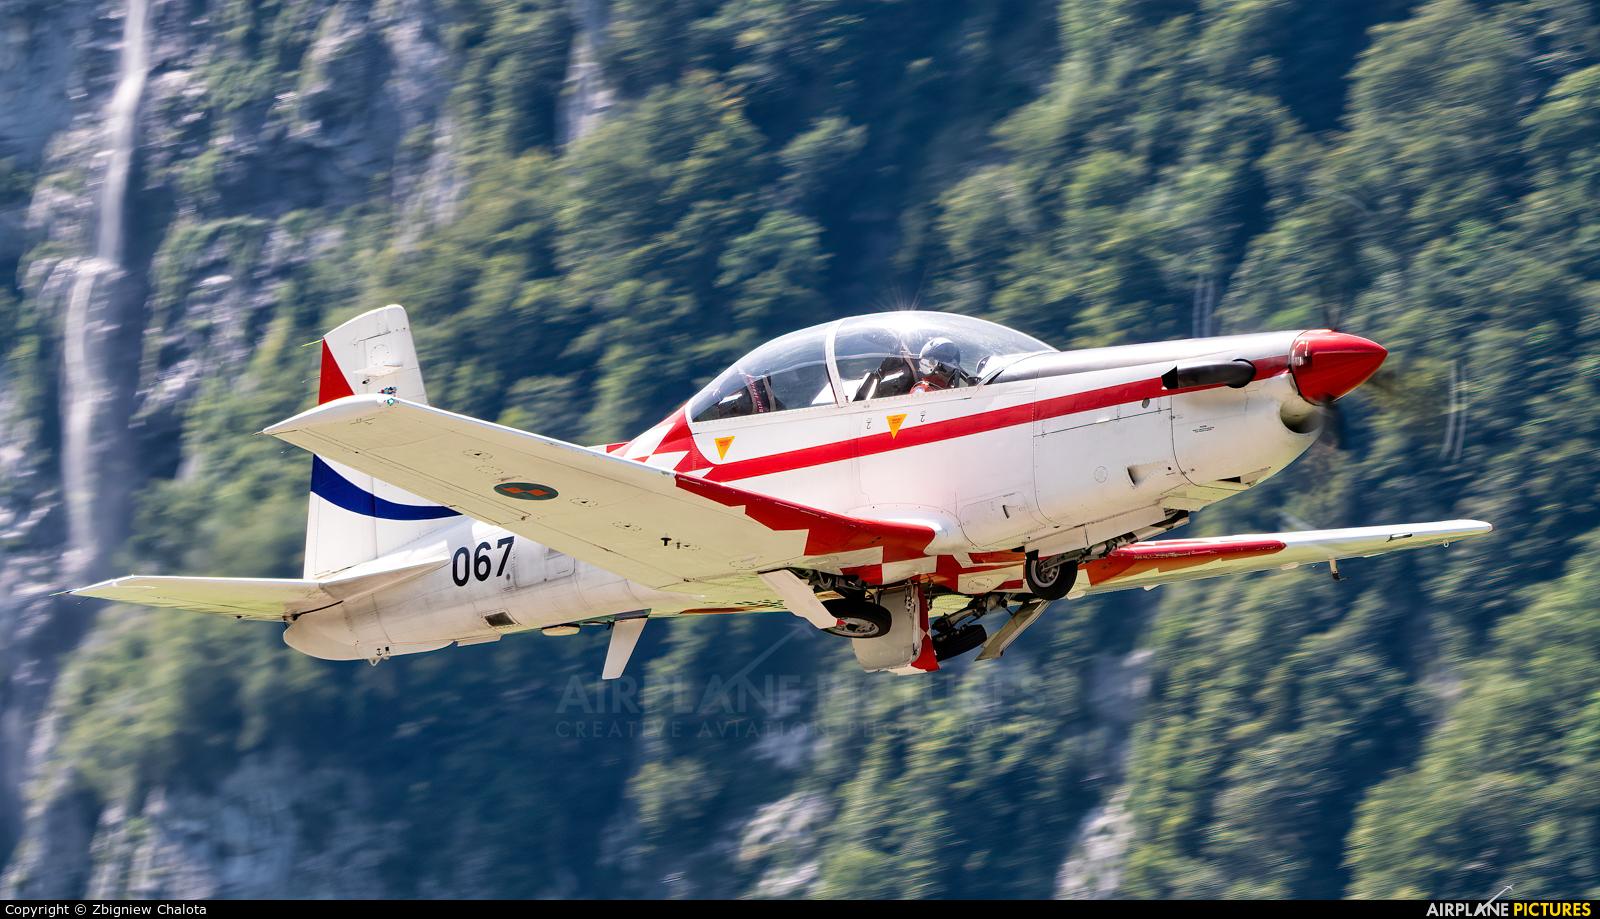 Croatia - Air Force 067 aircraft at Mollis